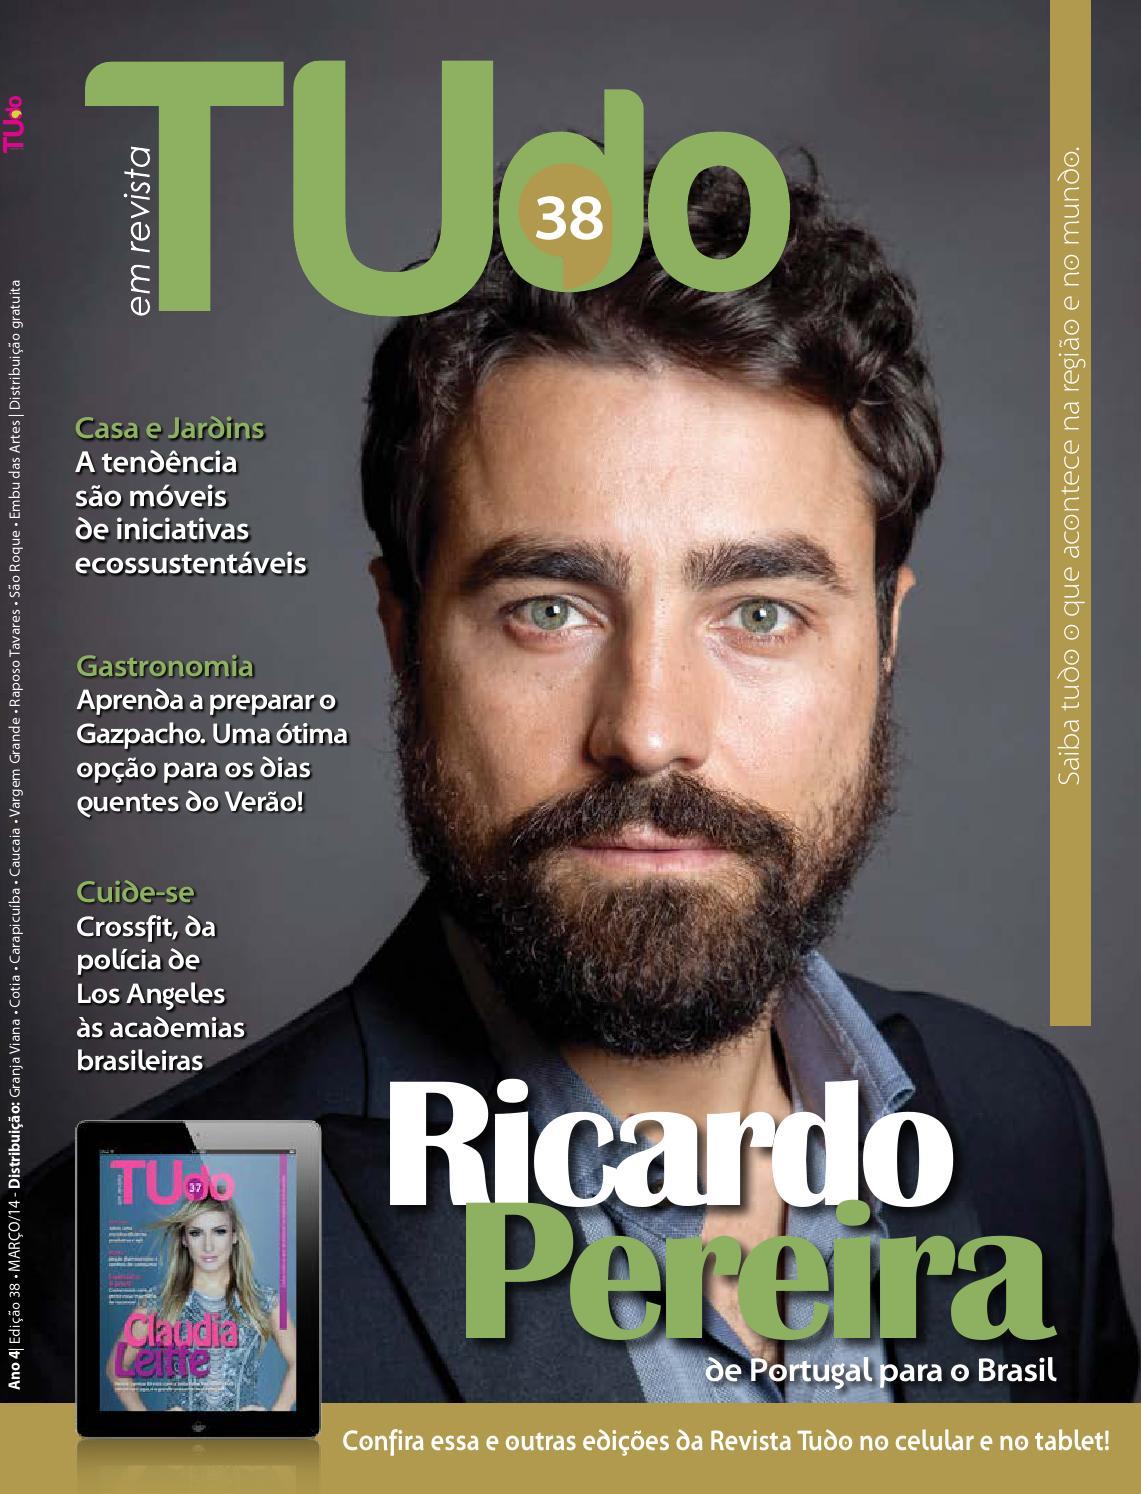 a669f2a2a Tudo ed 38 site by REVISTATUDO - issuu